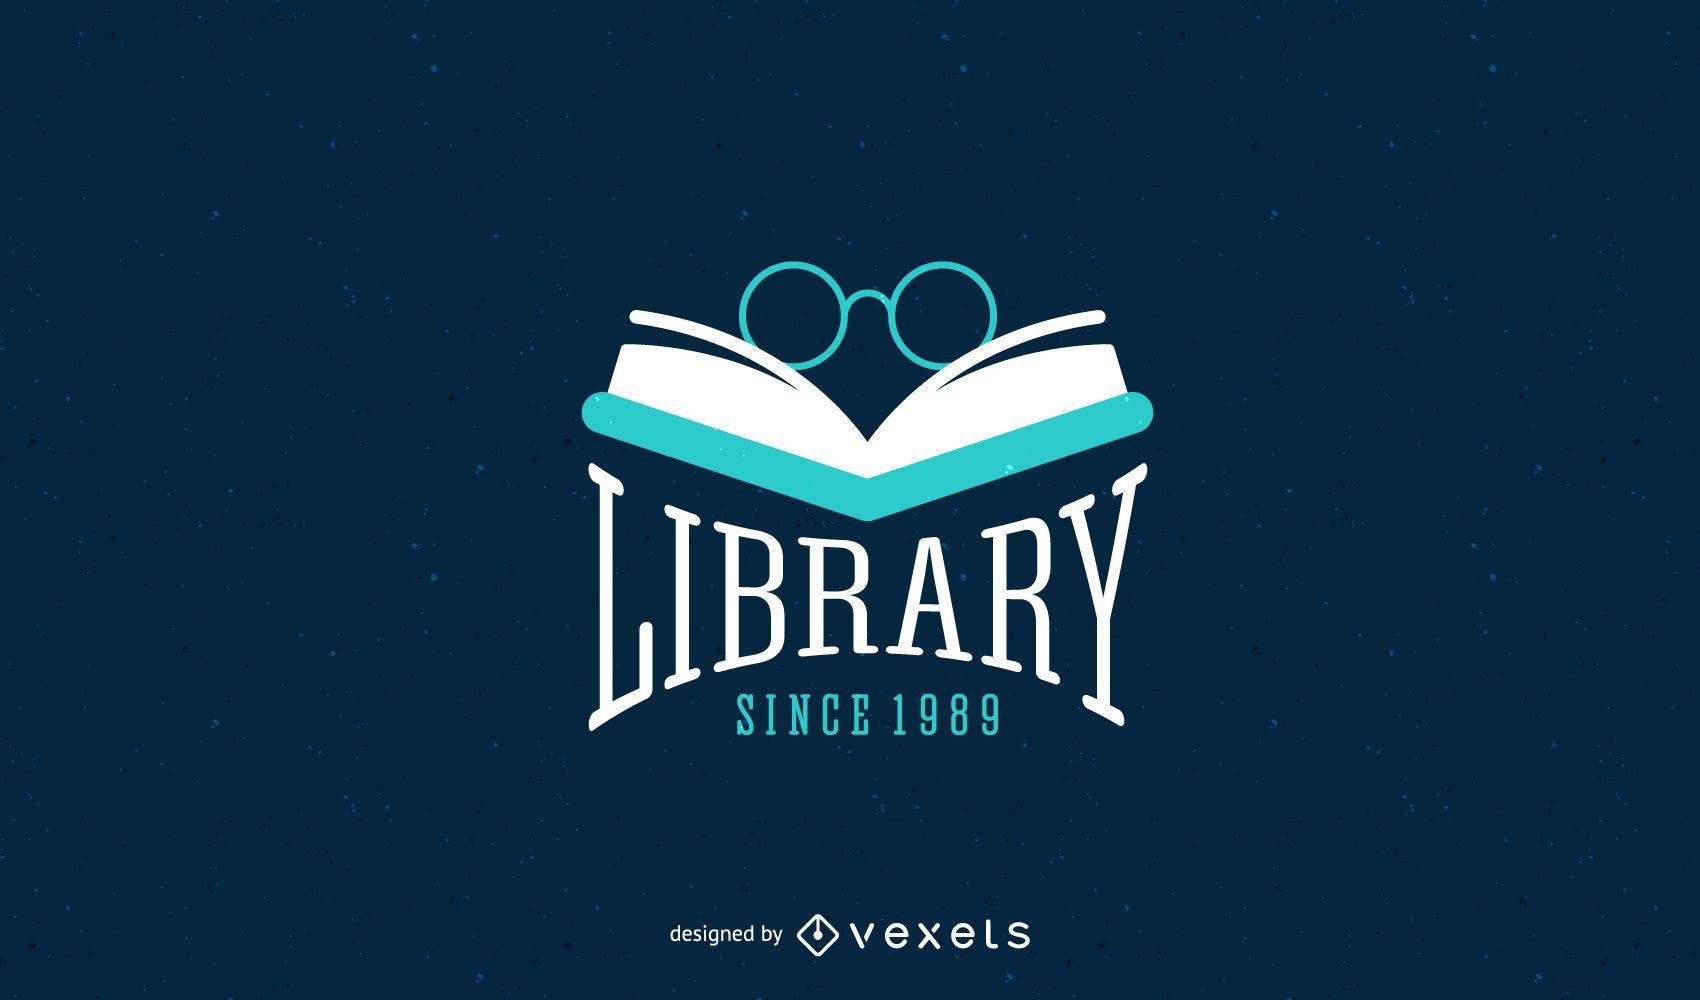 Diseño de plantilla de logotipo de biblioteca - Descargar vector 05a29141deef5